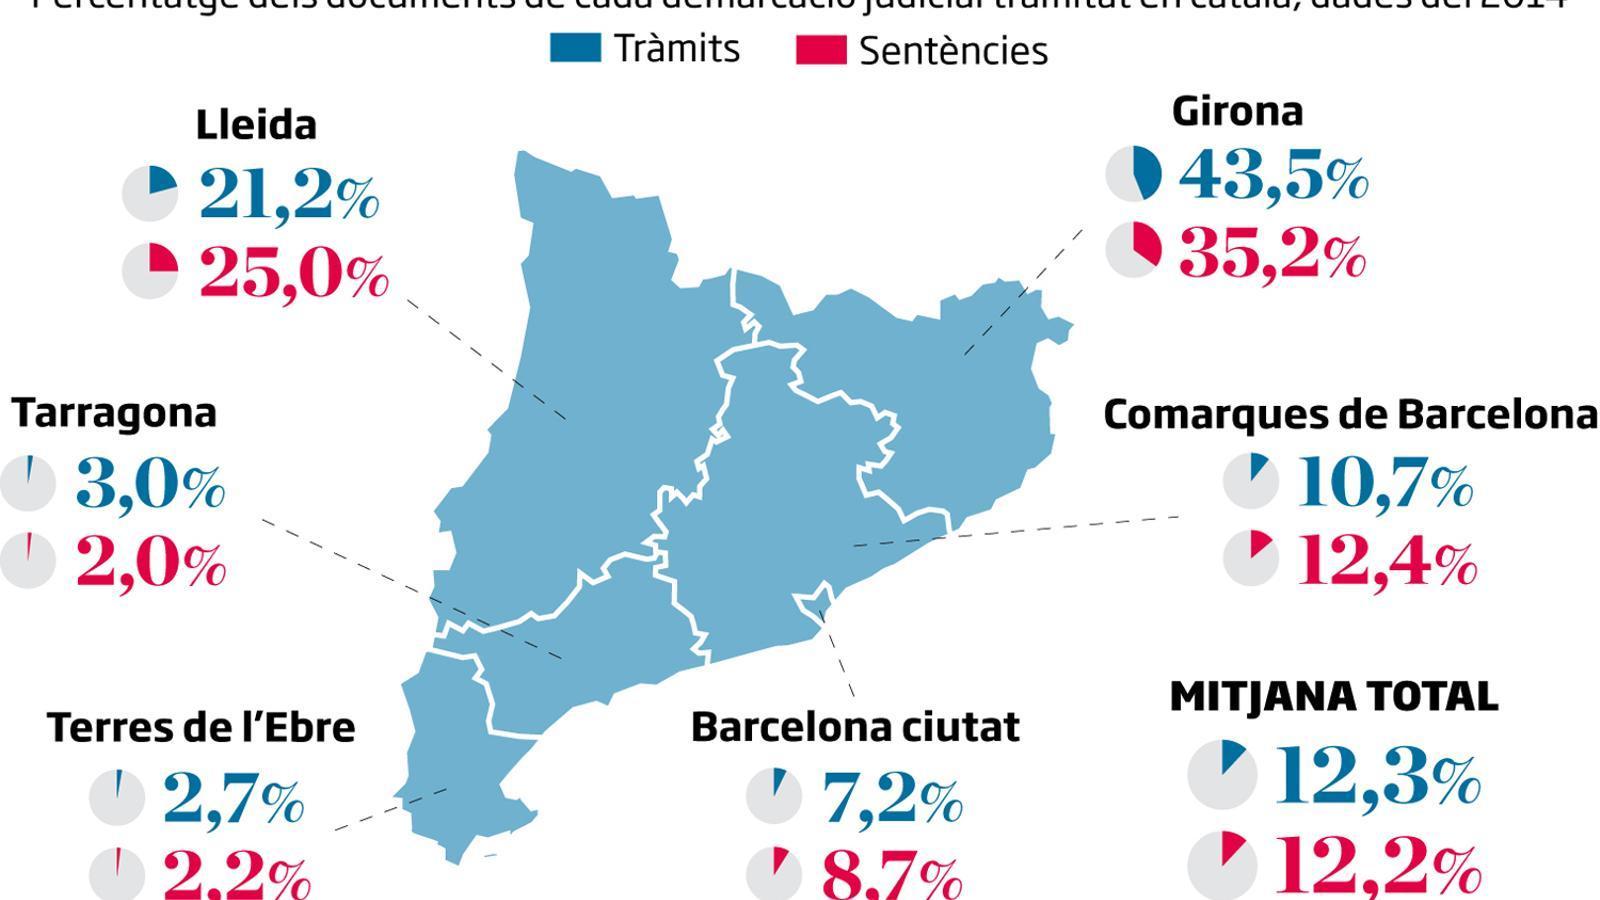 El català, llengua minoritària a la justícia